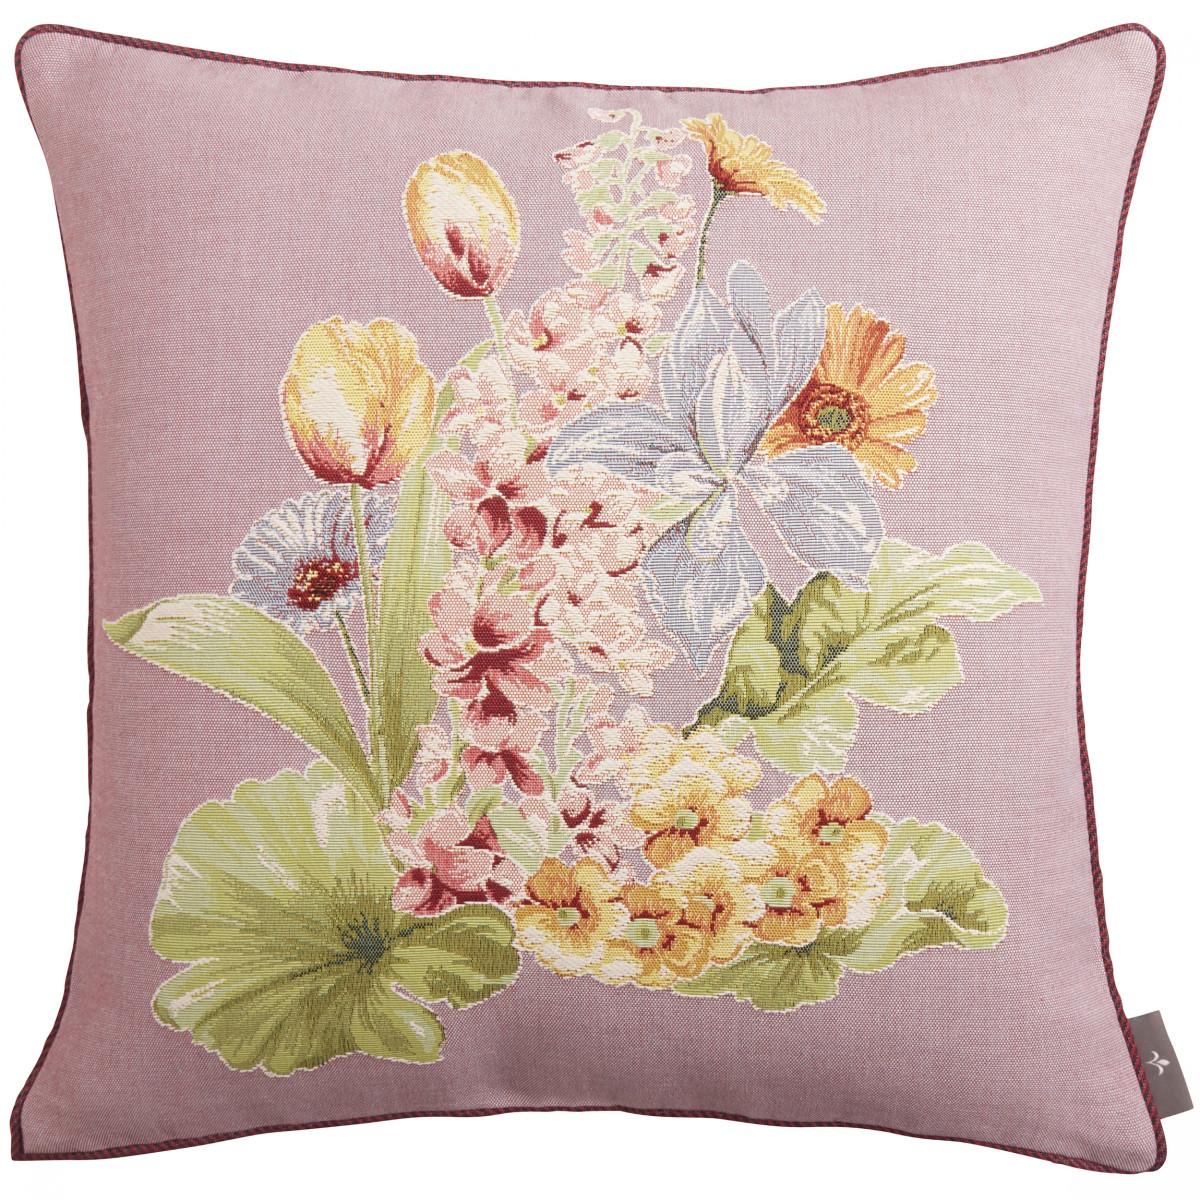 Coussin tapisserie bouquet de fleurs Violet 50 x 50